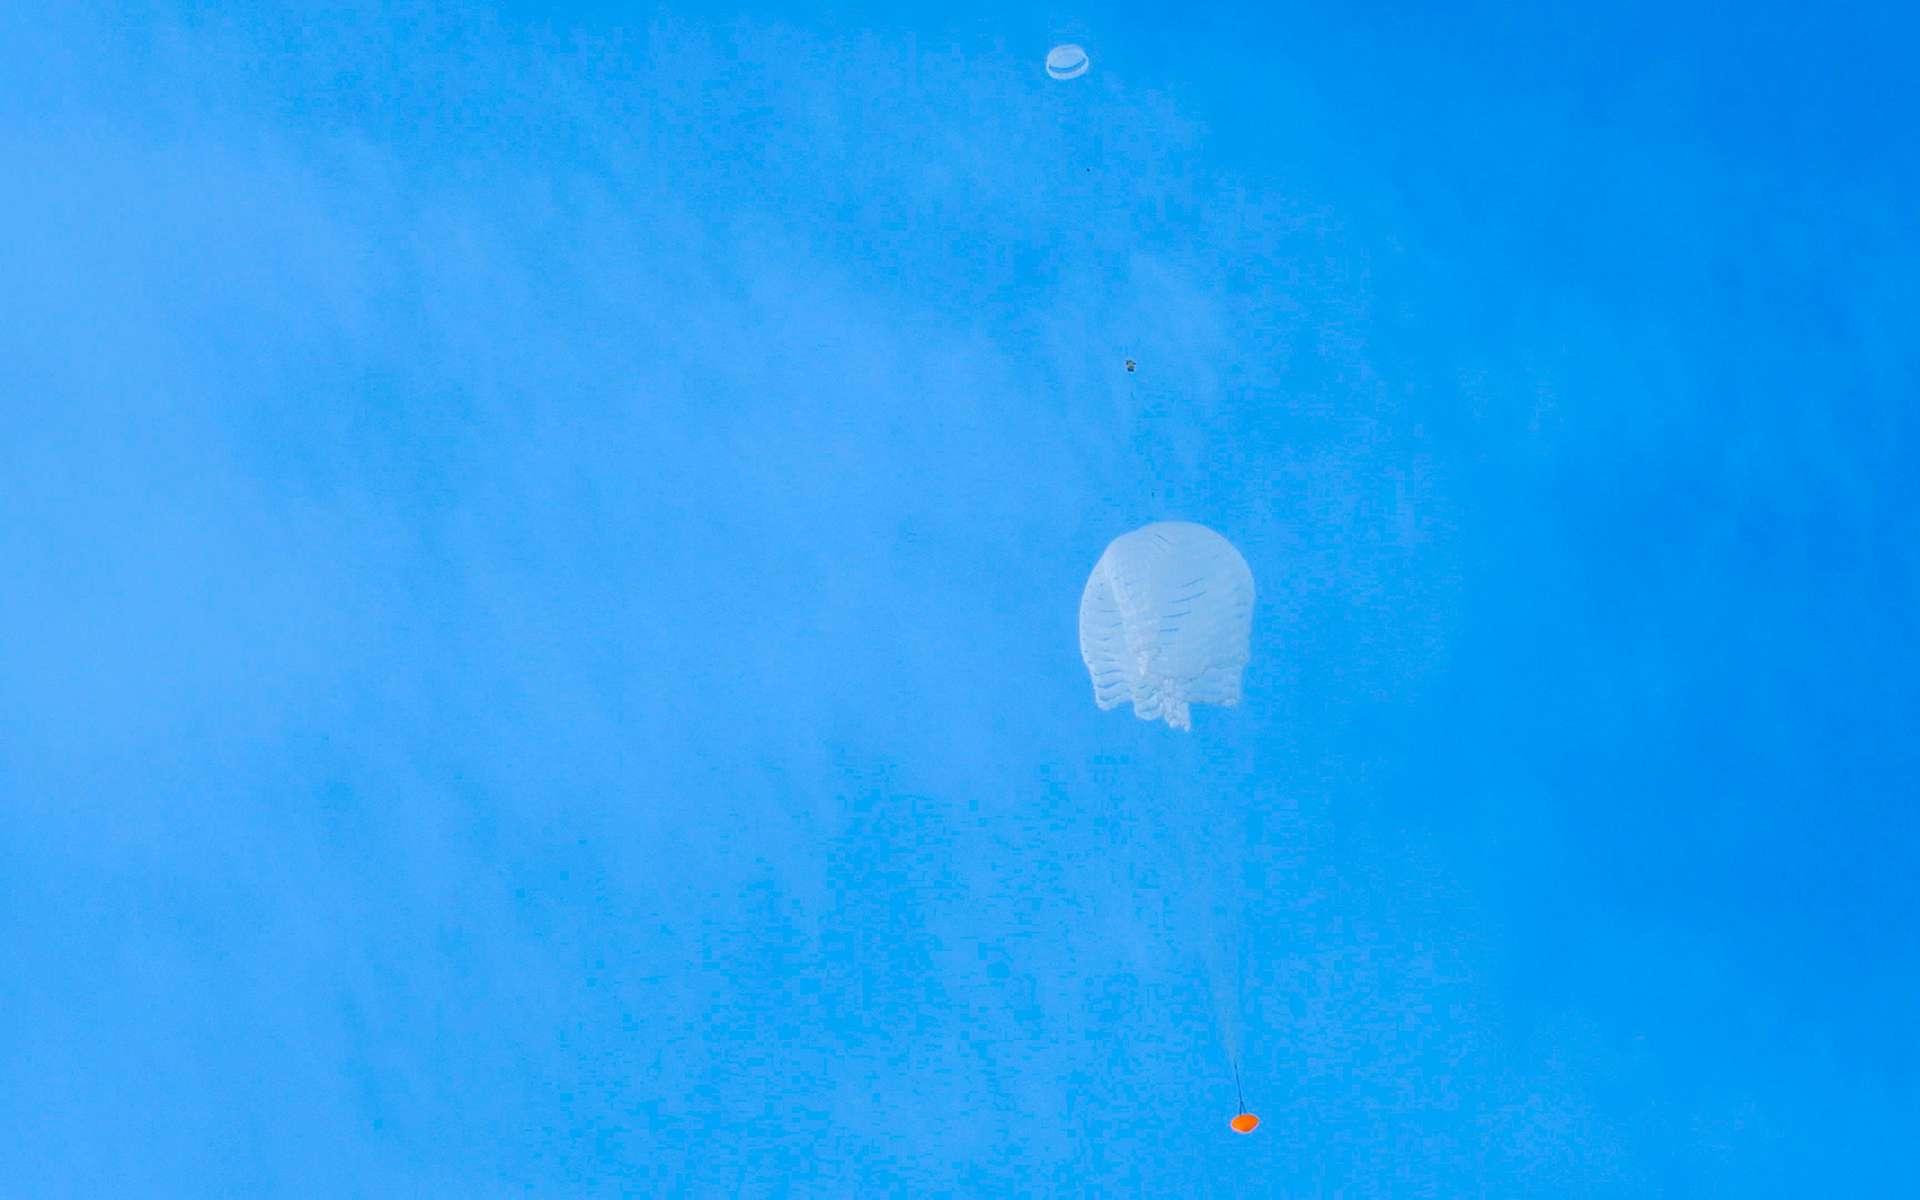 Essai de déploiement du parachute de 35 mètres d'ExoMars, lors d'un test réalisé en mars 2018. © ESA, L. Barel